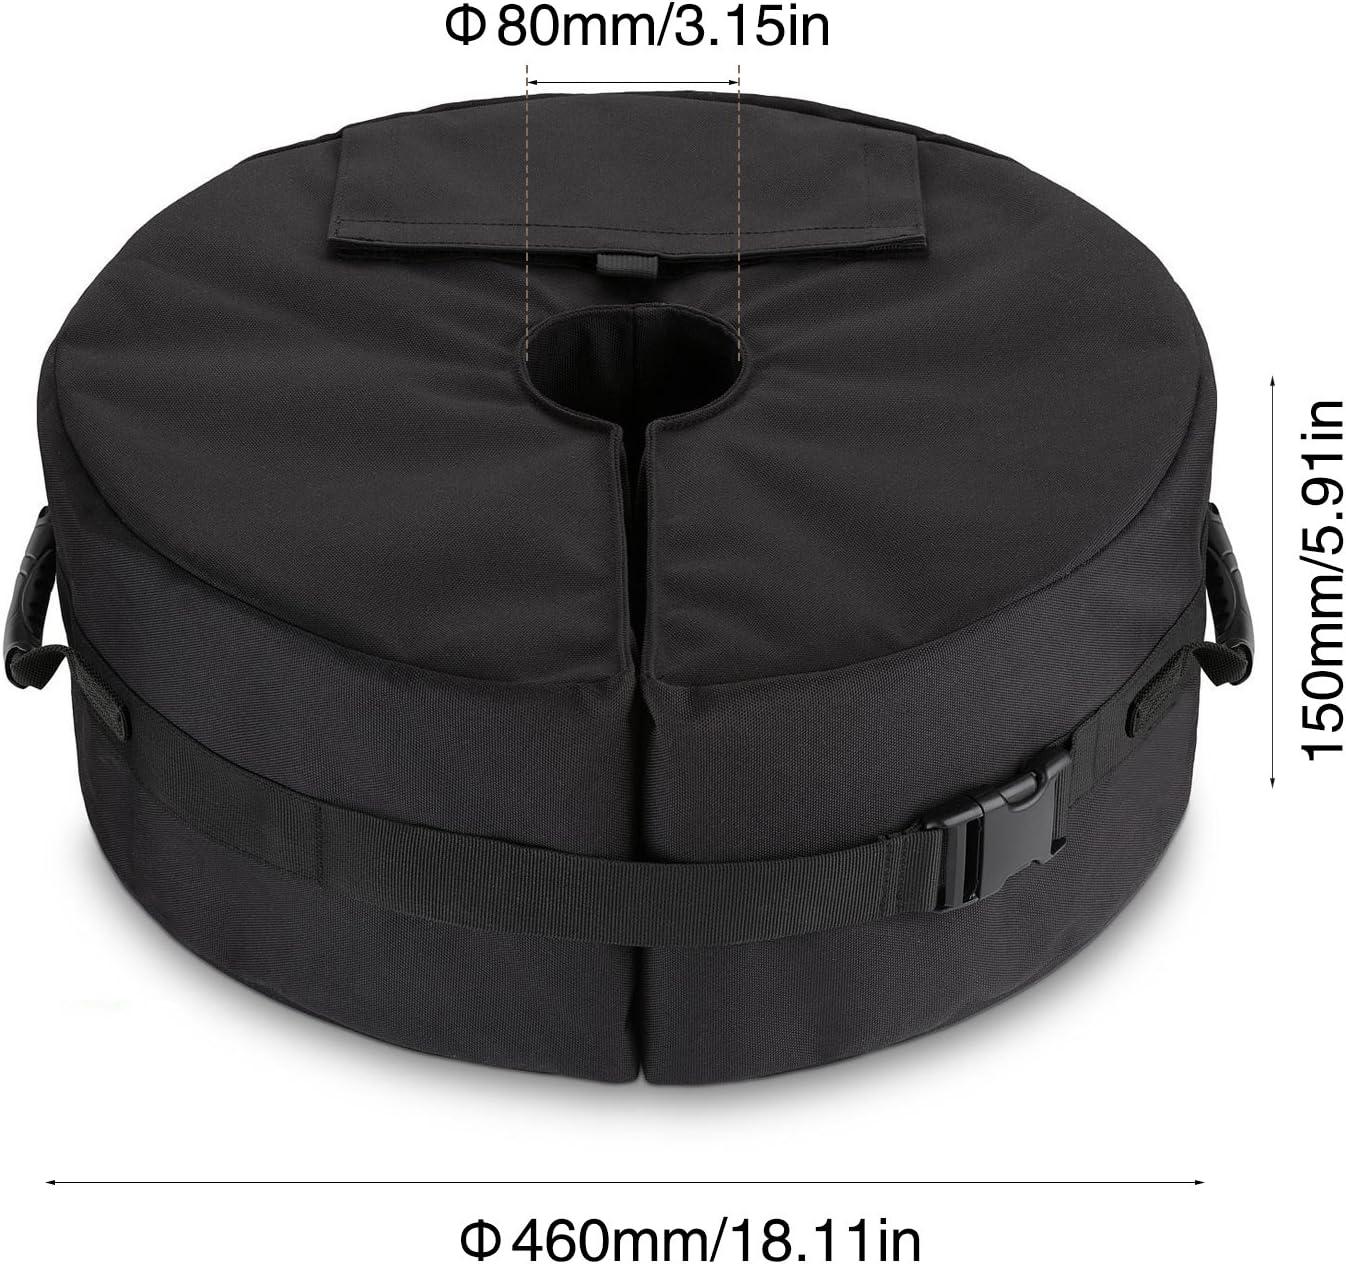 Sammiu Bolsa de peso para sombrilla resistente a la intemperie y a los rayos UV